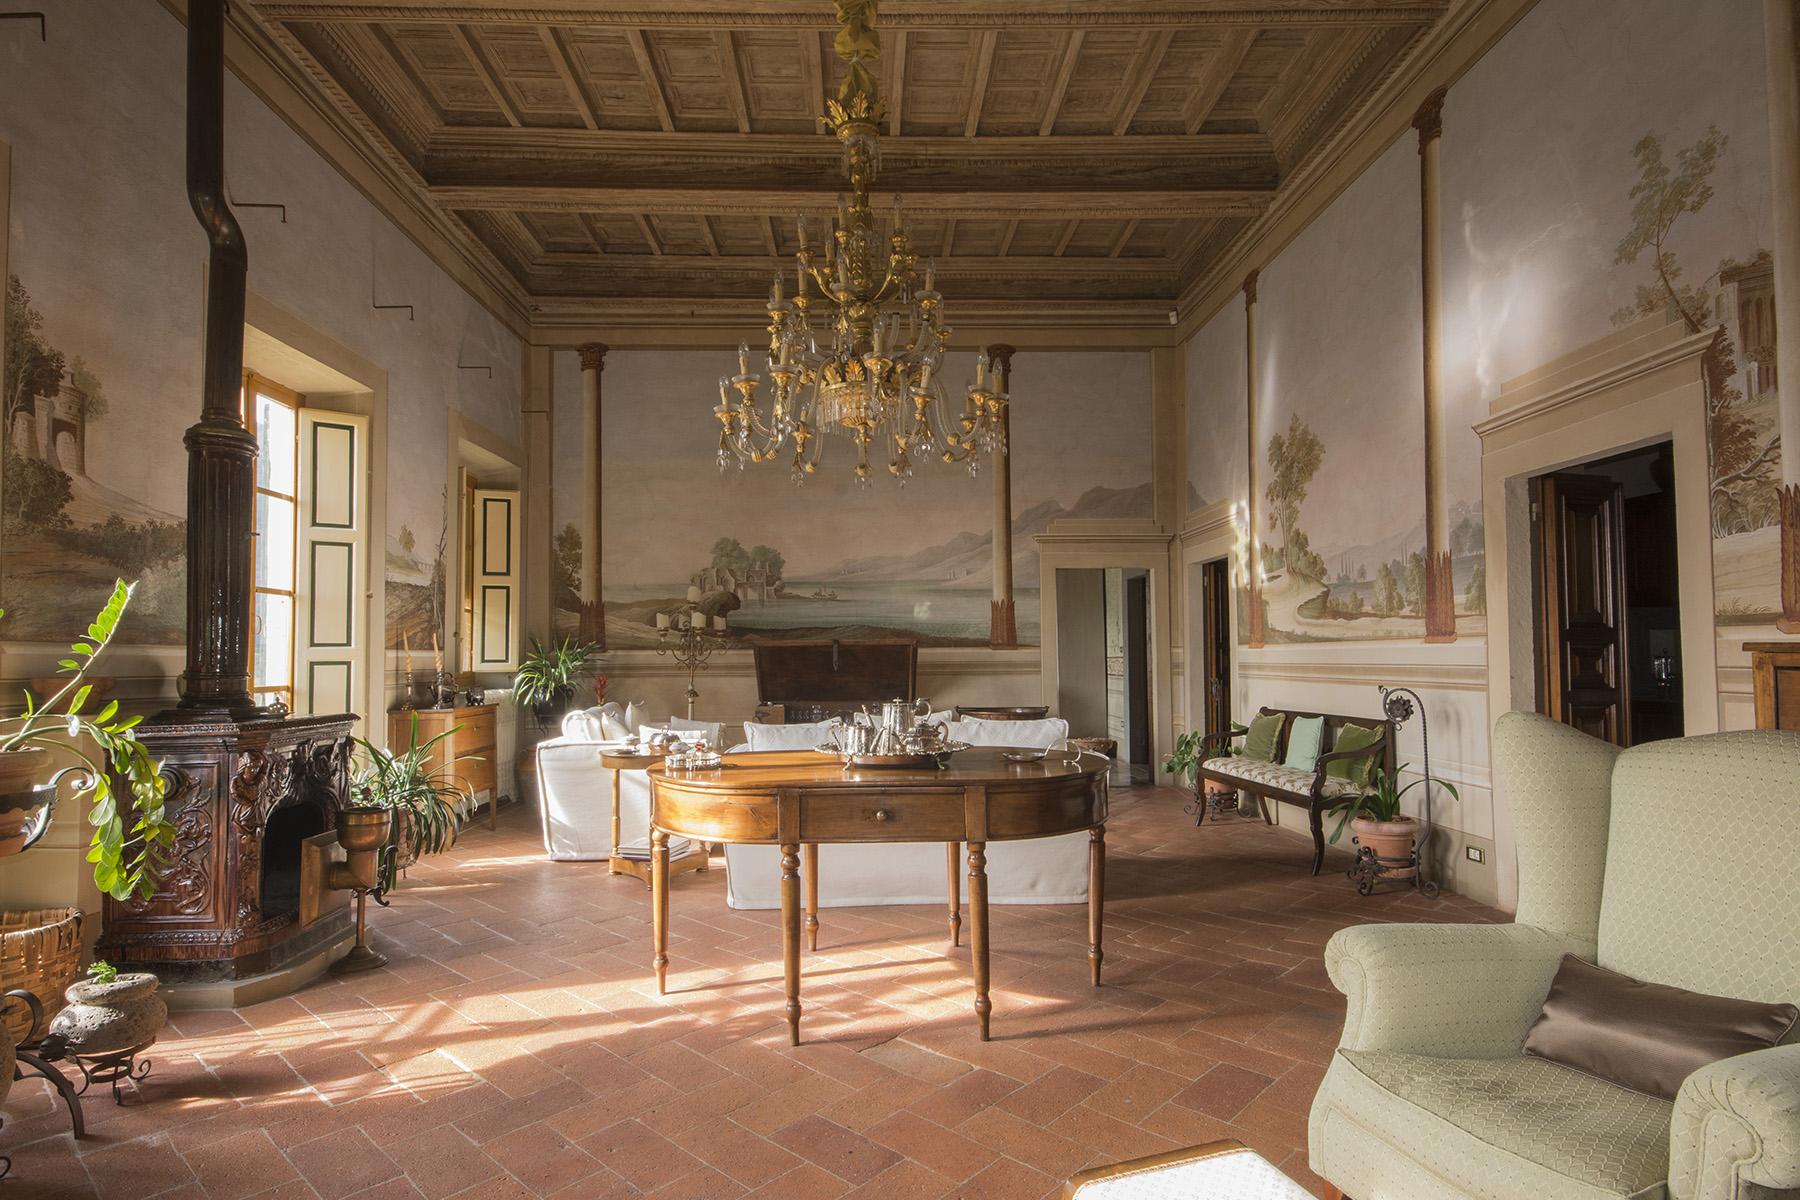 Casa indipendente in Vendita a Pistoia: 5 locali, 500 mq - Foto 2